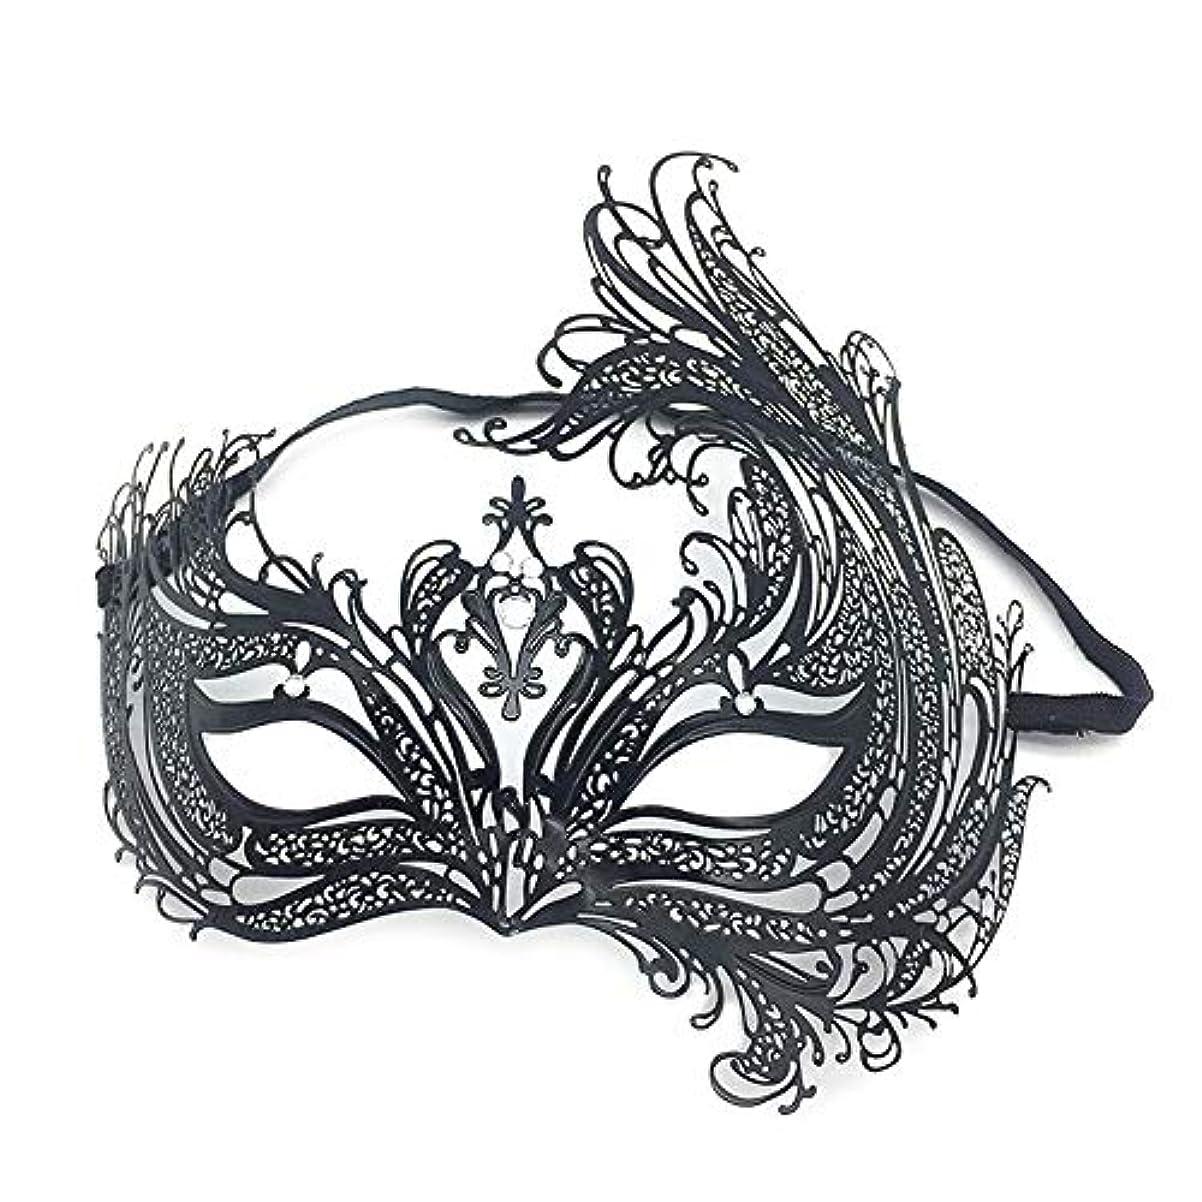 トロピカル悪の酸素ハロウィンマスクメタルダイヤモンドマスカレードマスクパーティーブラックセクシーなハーフフェイスフェニックスマスク